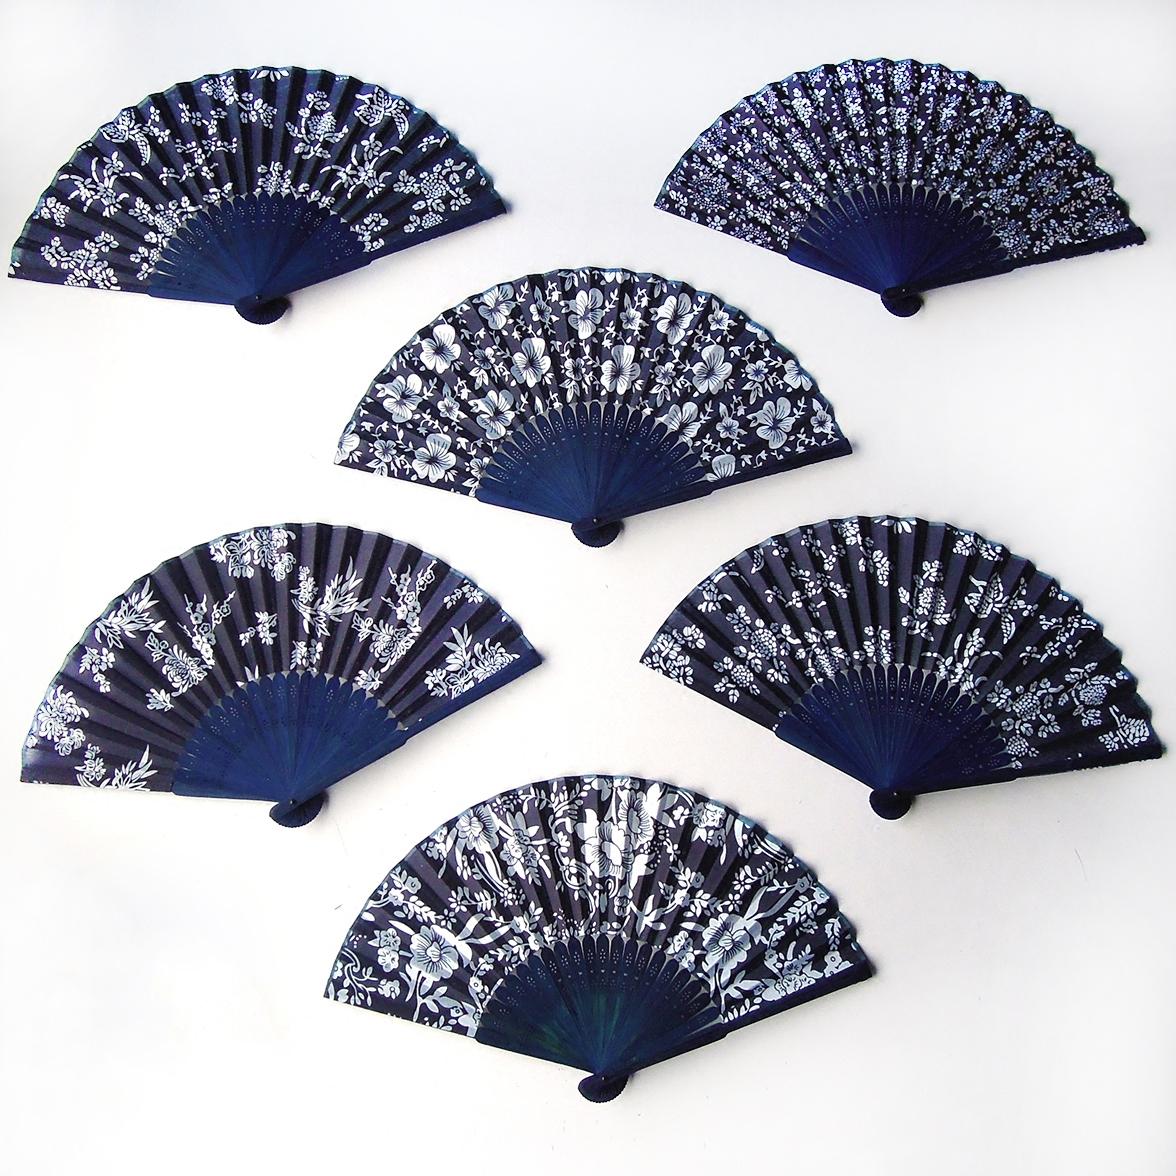 Черный город ручной работы женщина вентилятор сложить вентилятор бамбук вентилятор голубой принт ткань веер синей ткани танец вентилятор китайский ветер ремесла сложить вентилятор